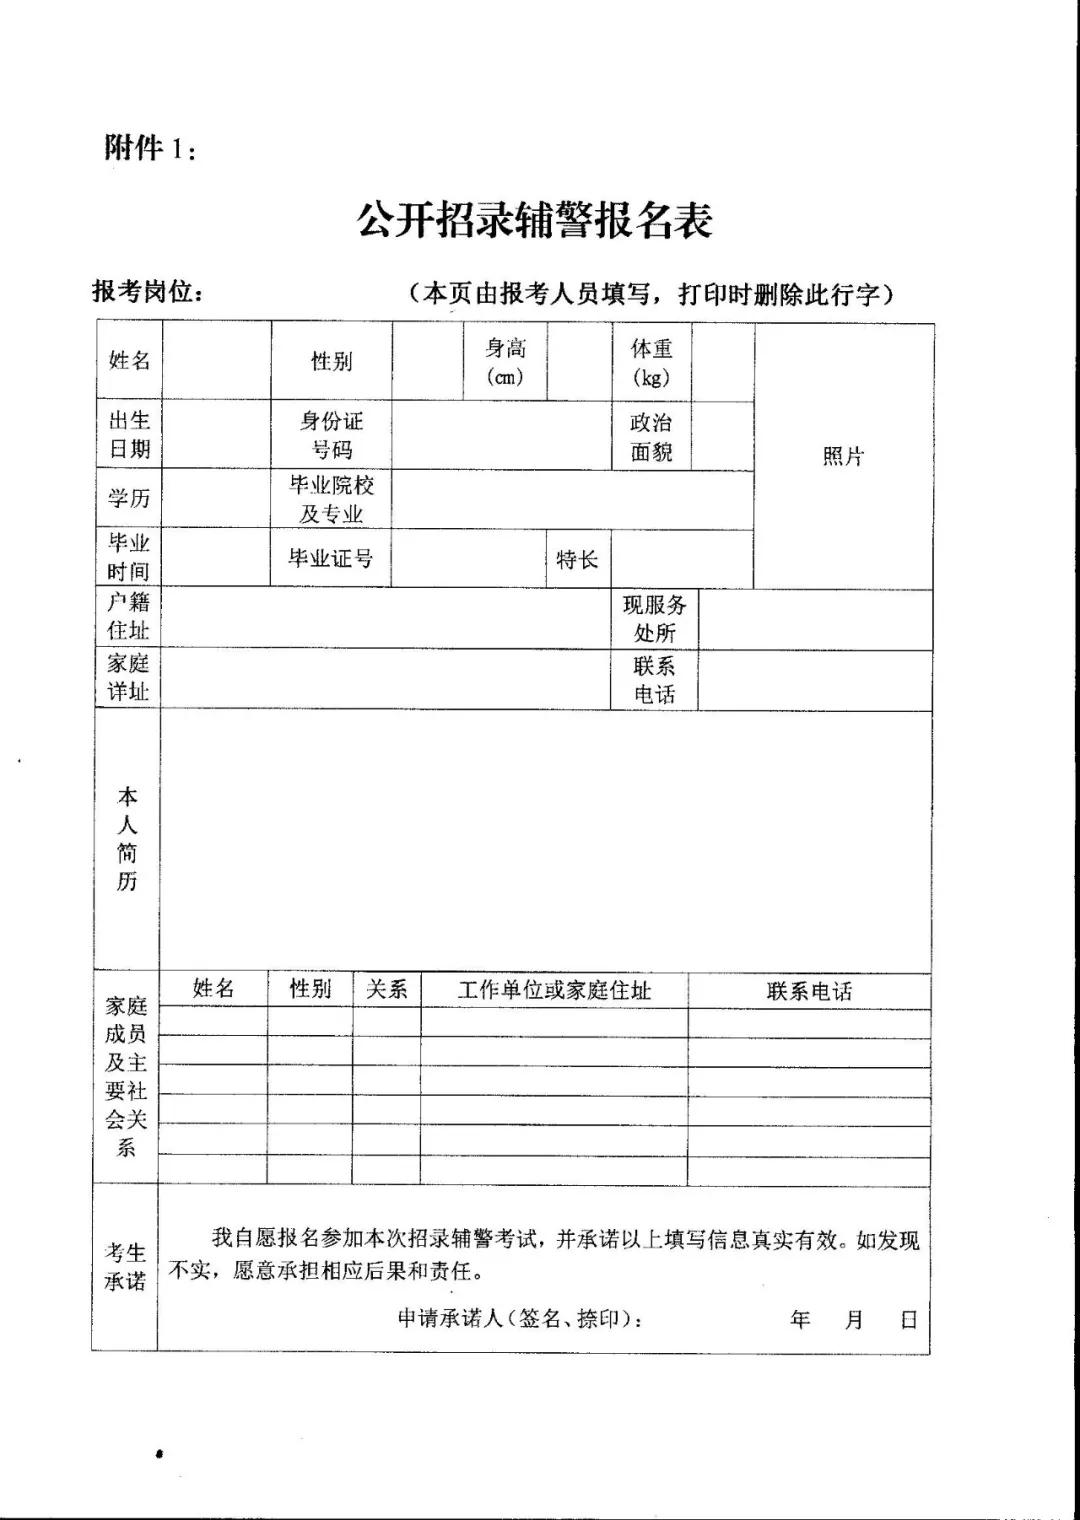 2019年重庆涪陵区公安局警务辅助岗招聘公告图1